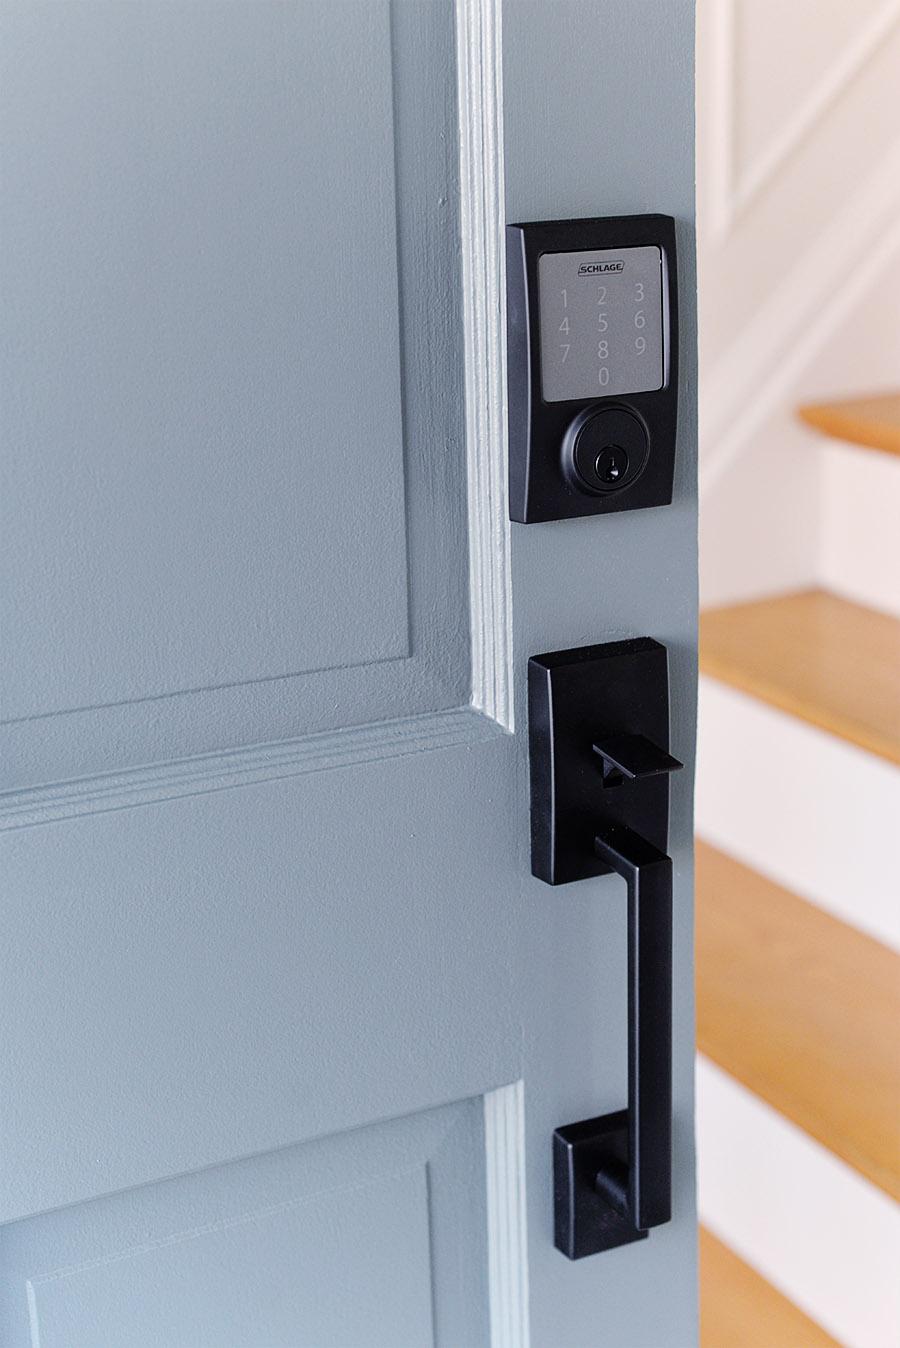 schlage sense smart lock, smart door lock, remote login lock, keypad door lock, smart lock iphone